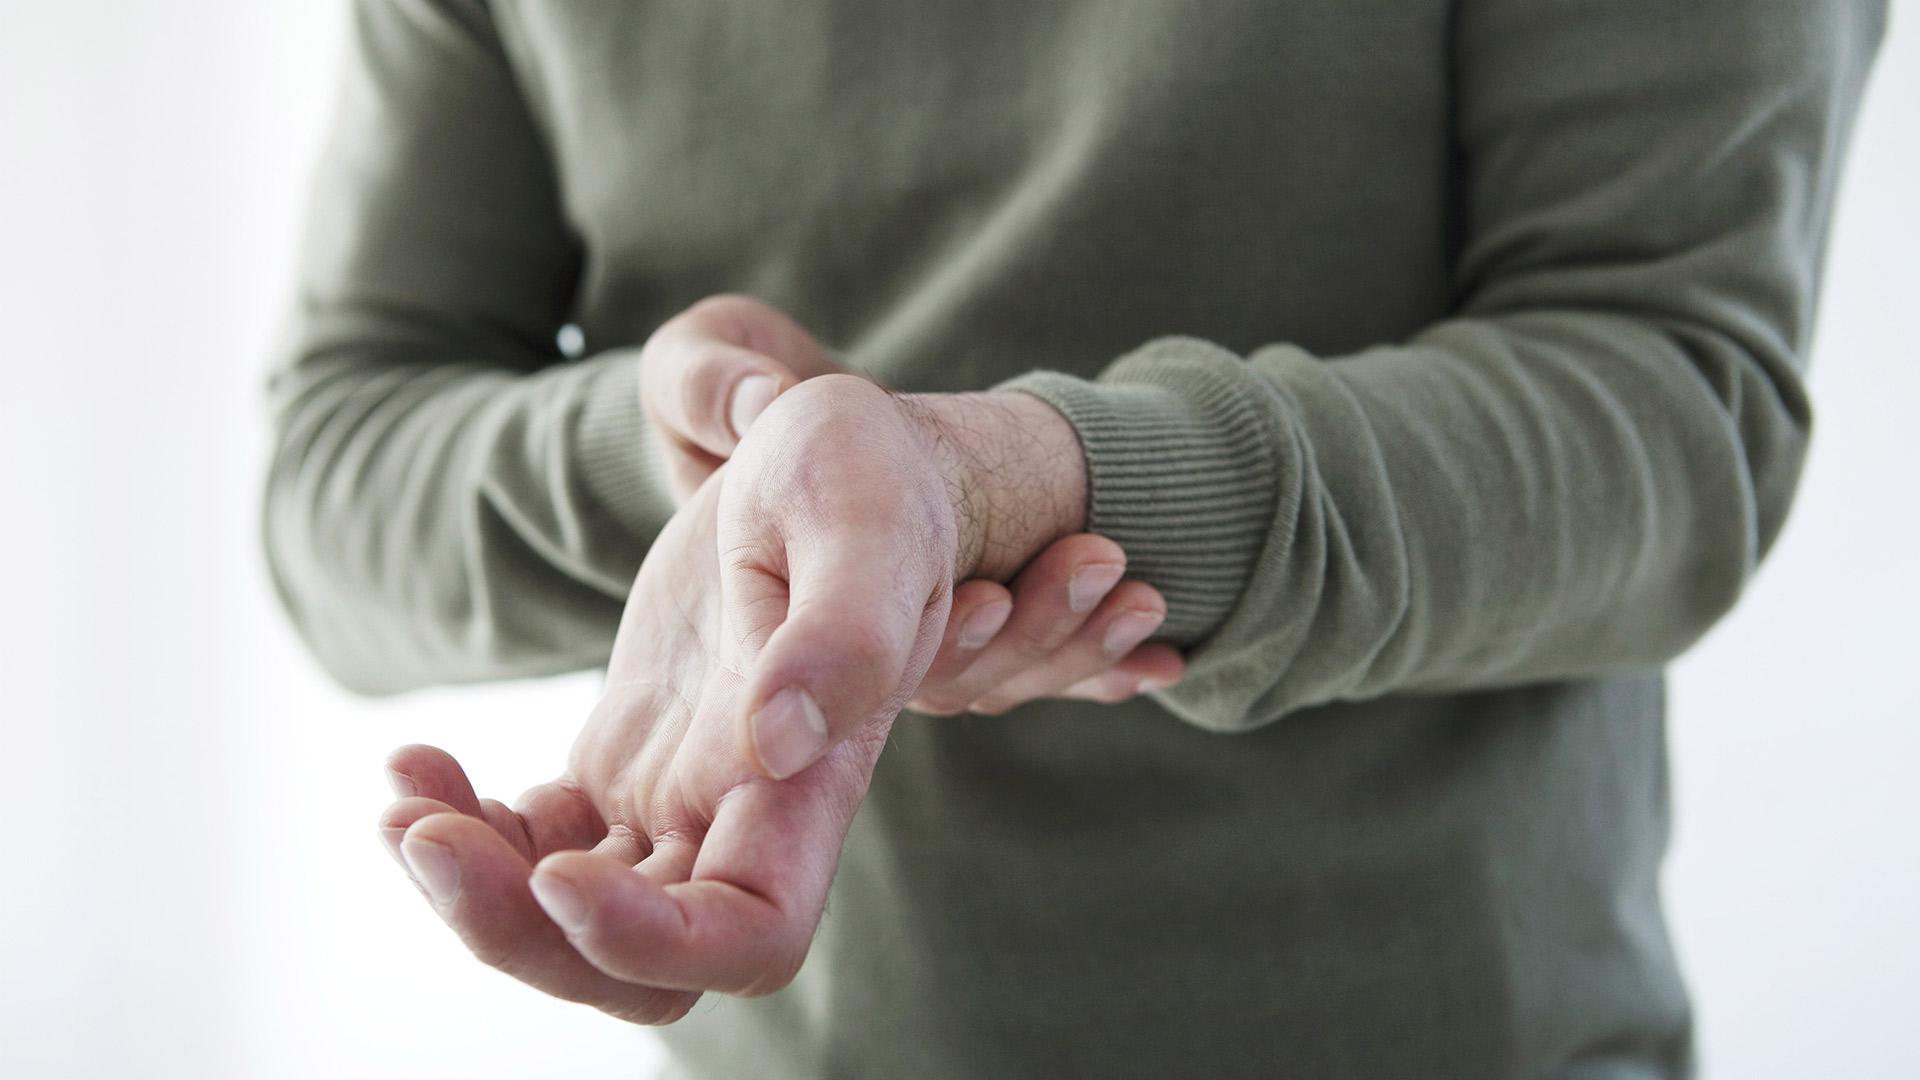 az ujjak ízületei fájnak szoptatás közben a hüvelykujj ízületi fájdalmak